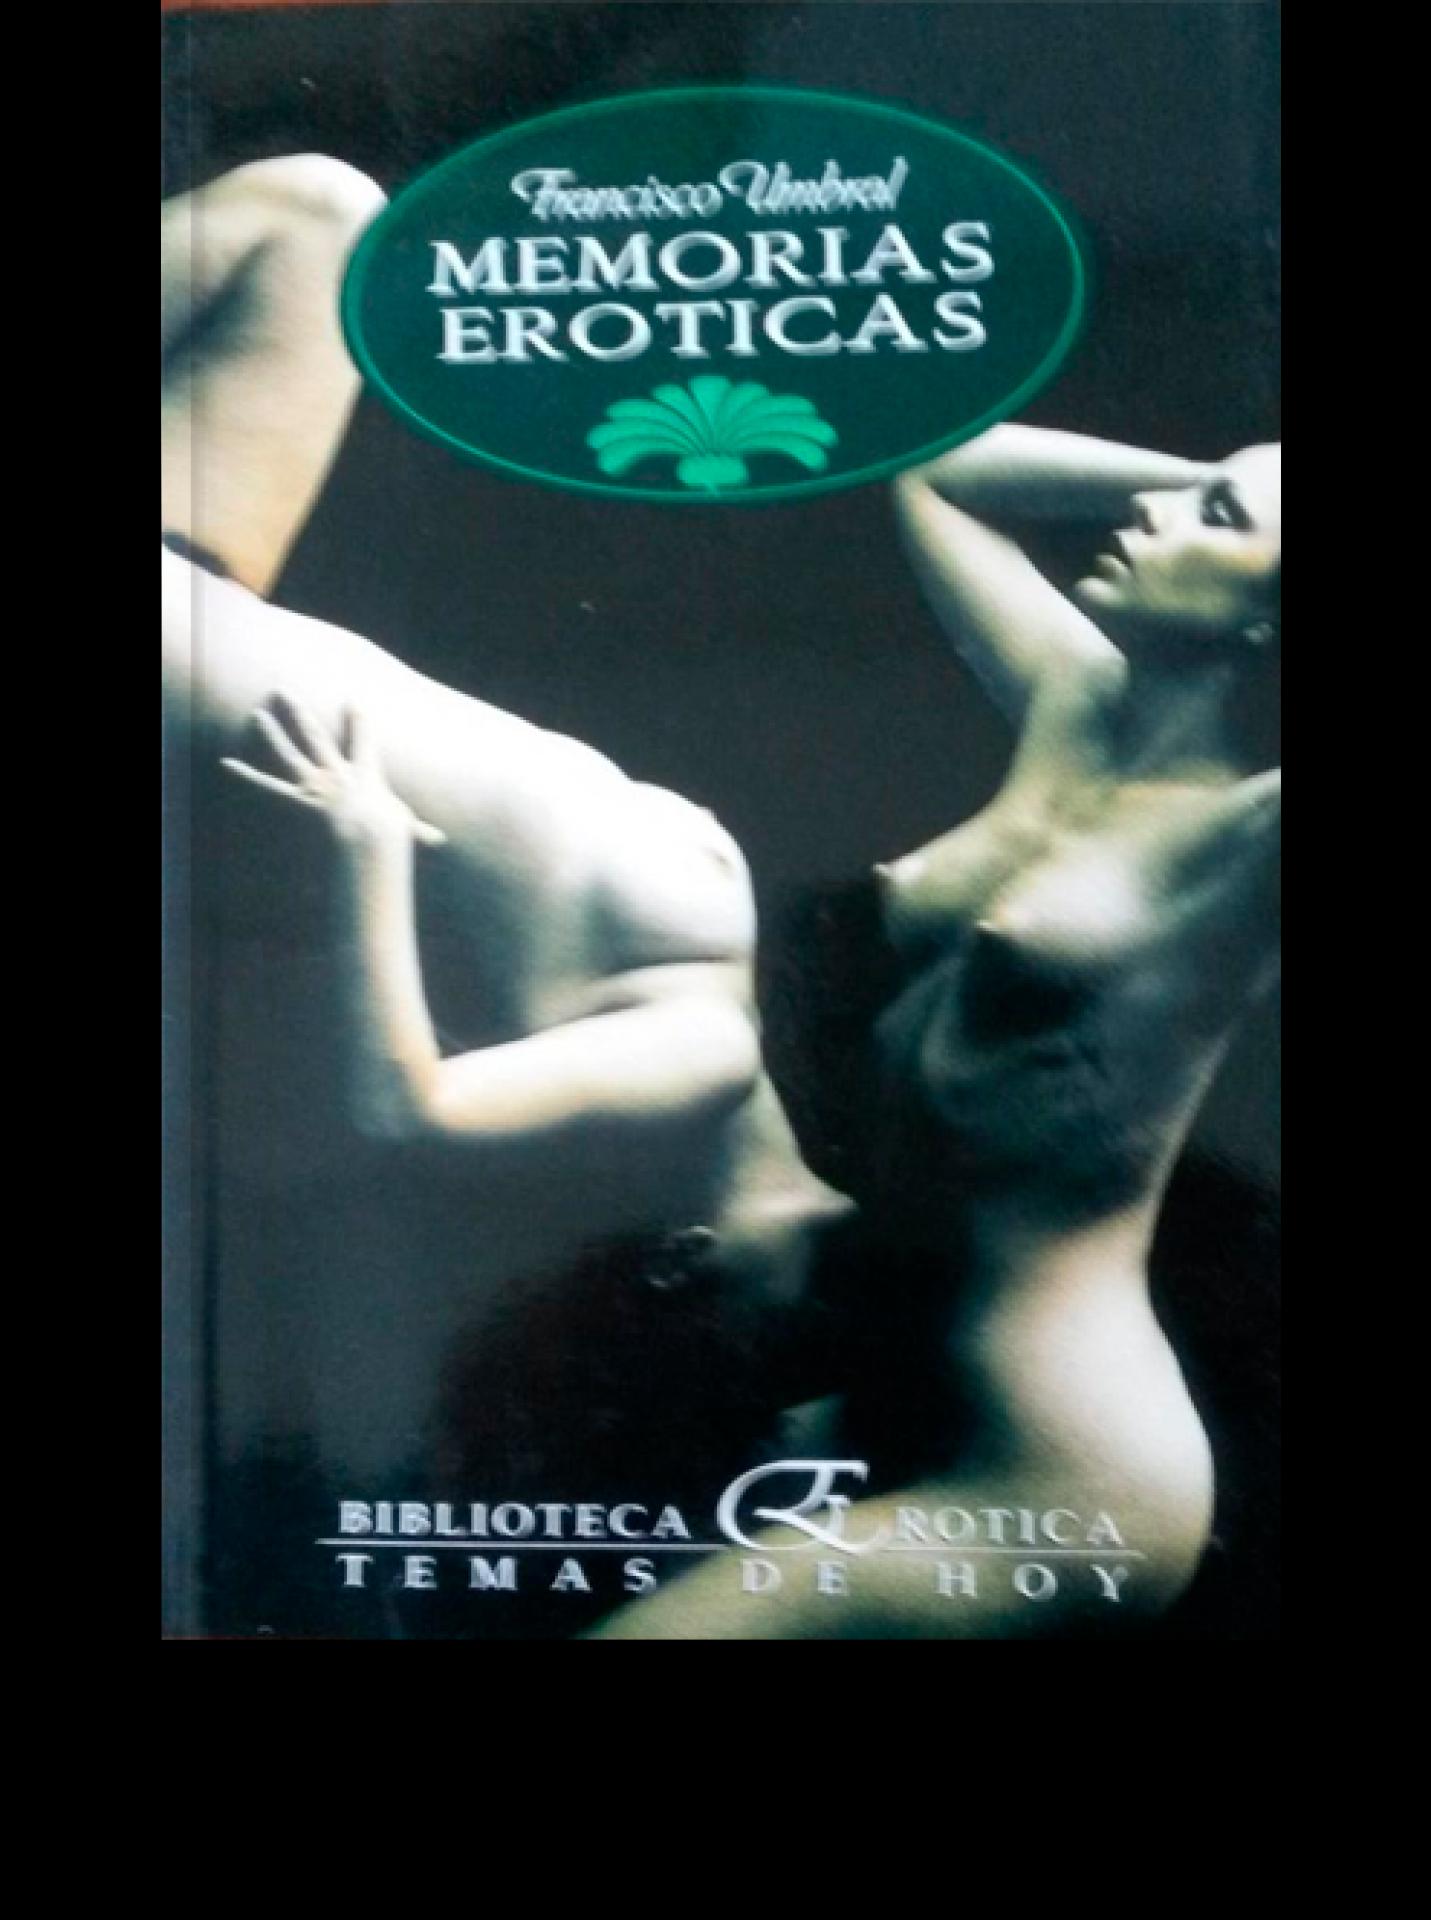 Memorias eróticas